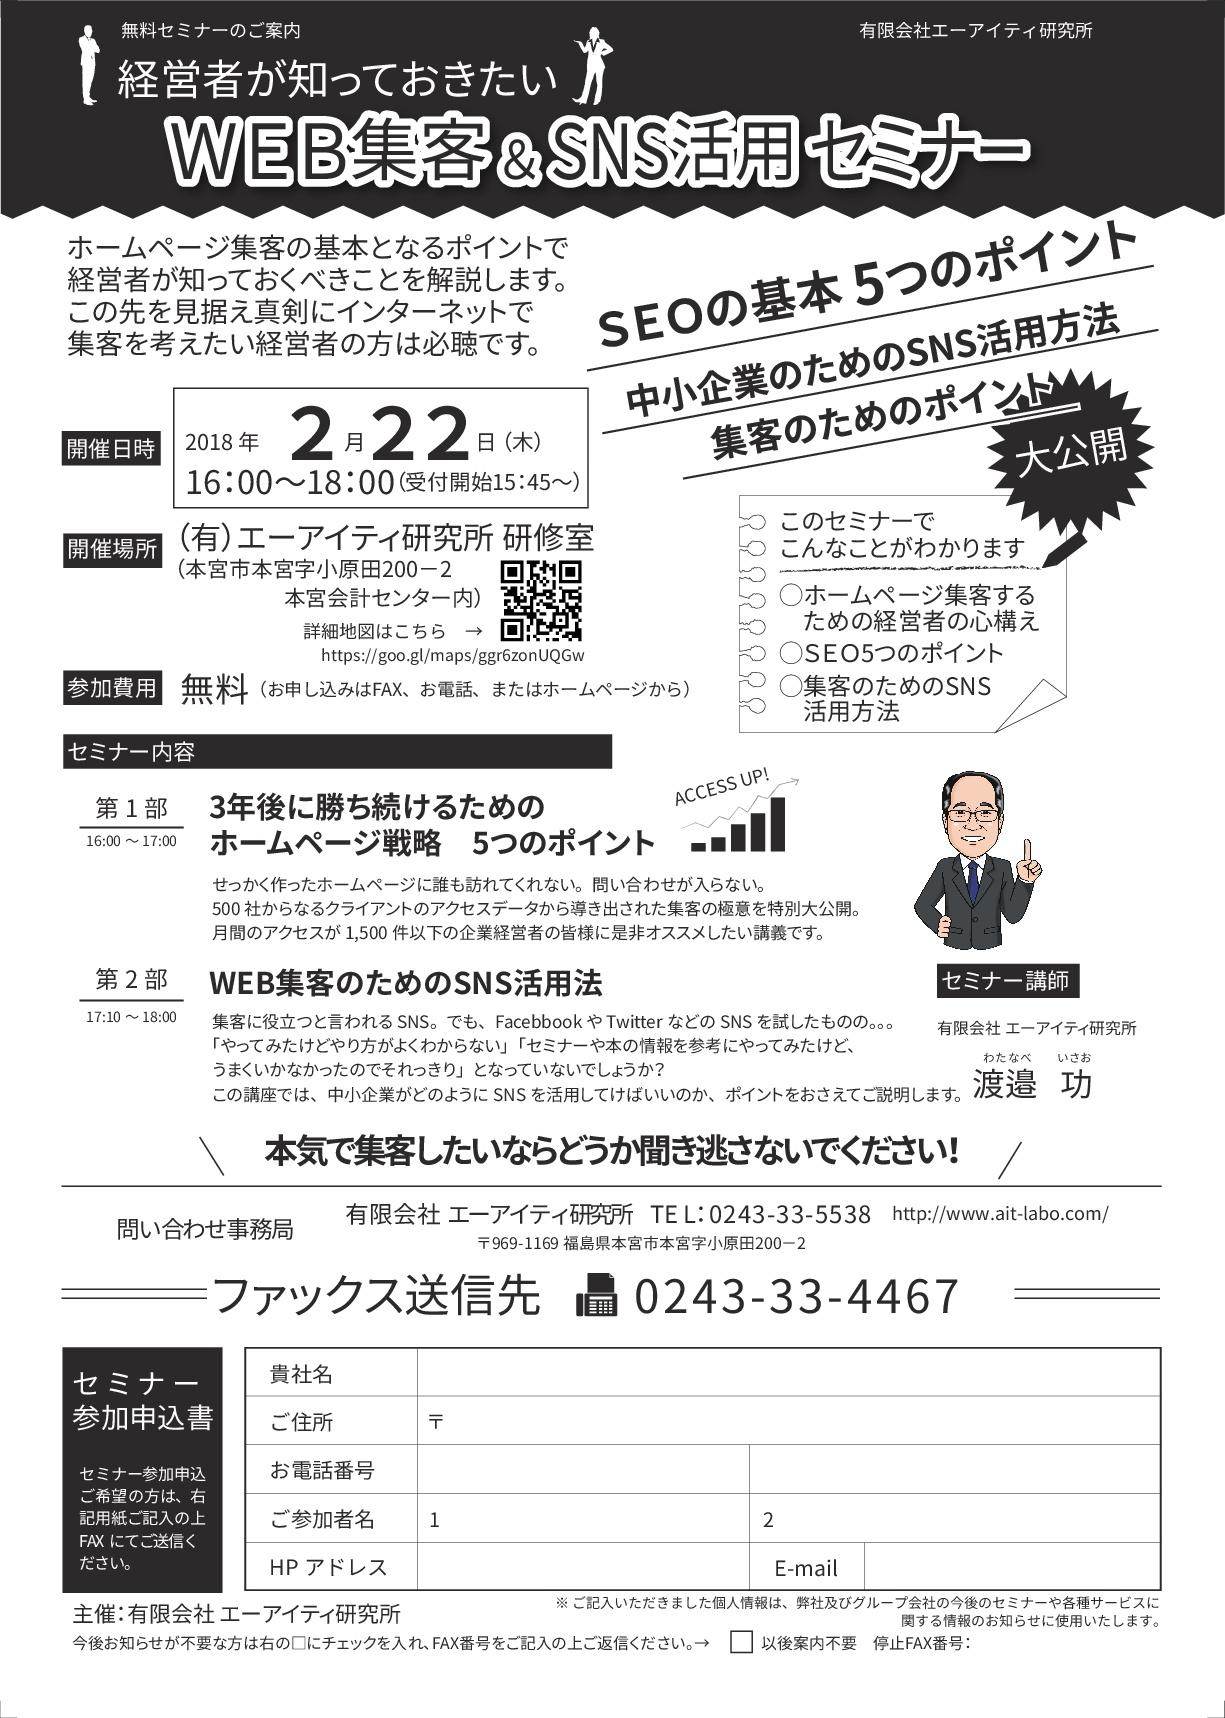 経営者が知っておきたいWEB集客&SNS活用セミナー開催のお知らせ @ 本宮会計センター 研修室